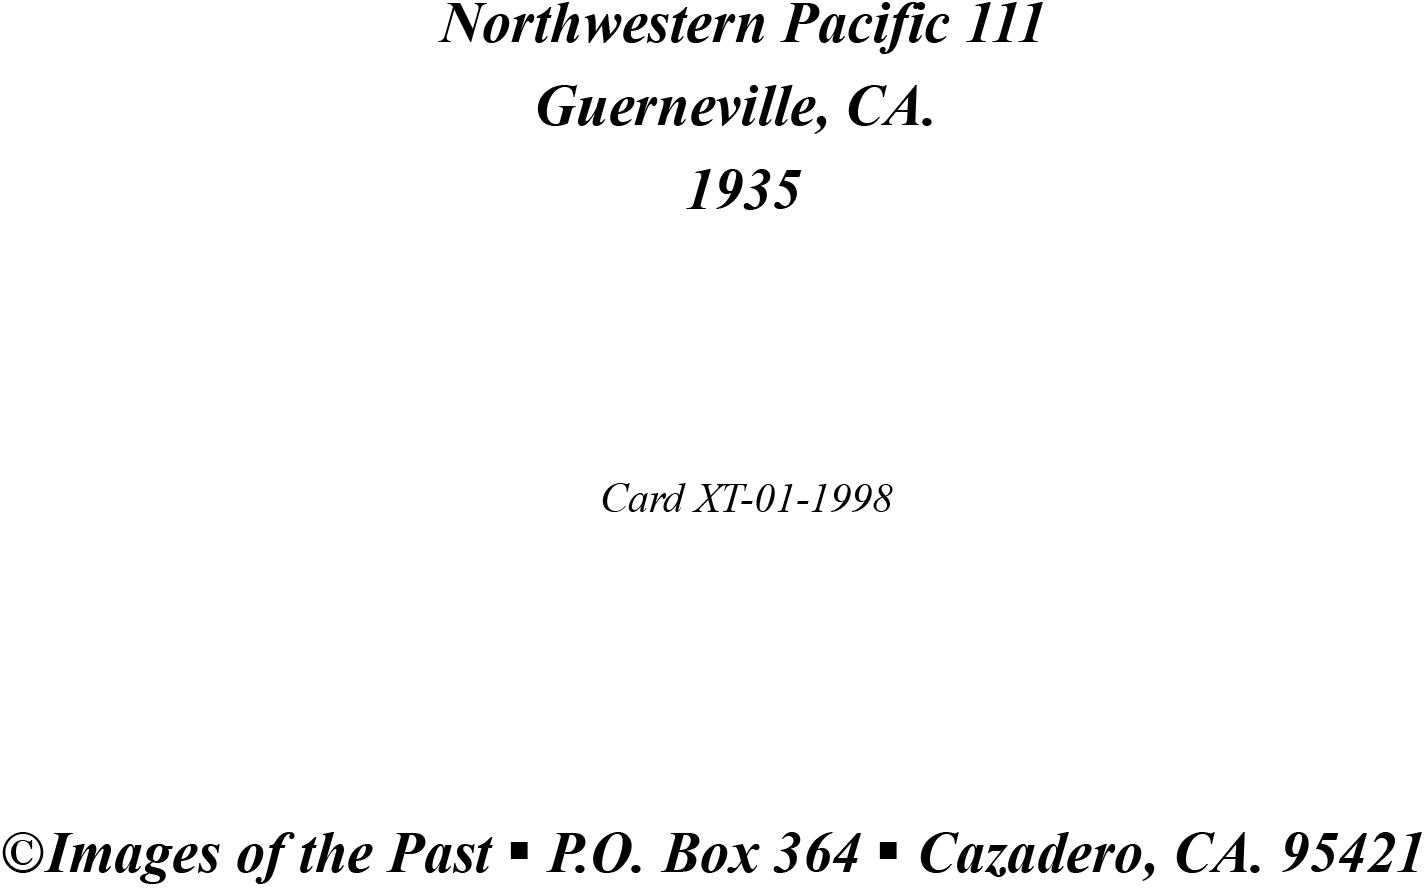 Card XT-01-1998-back